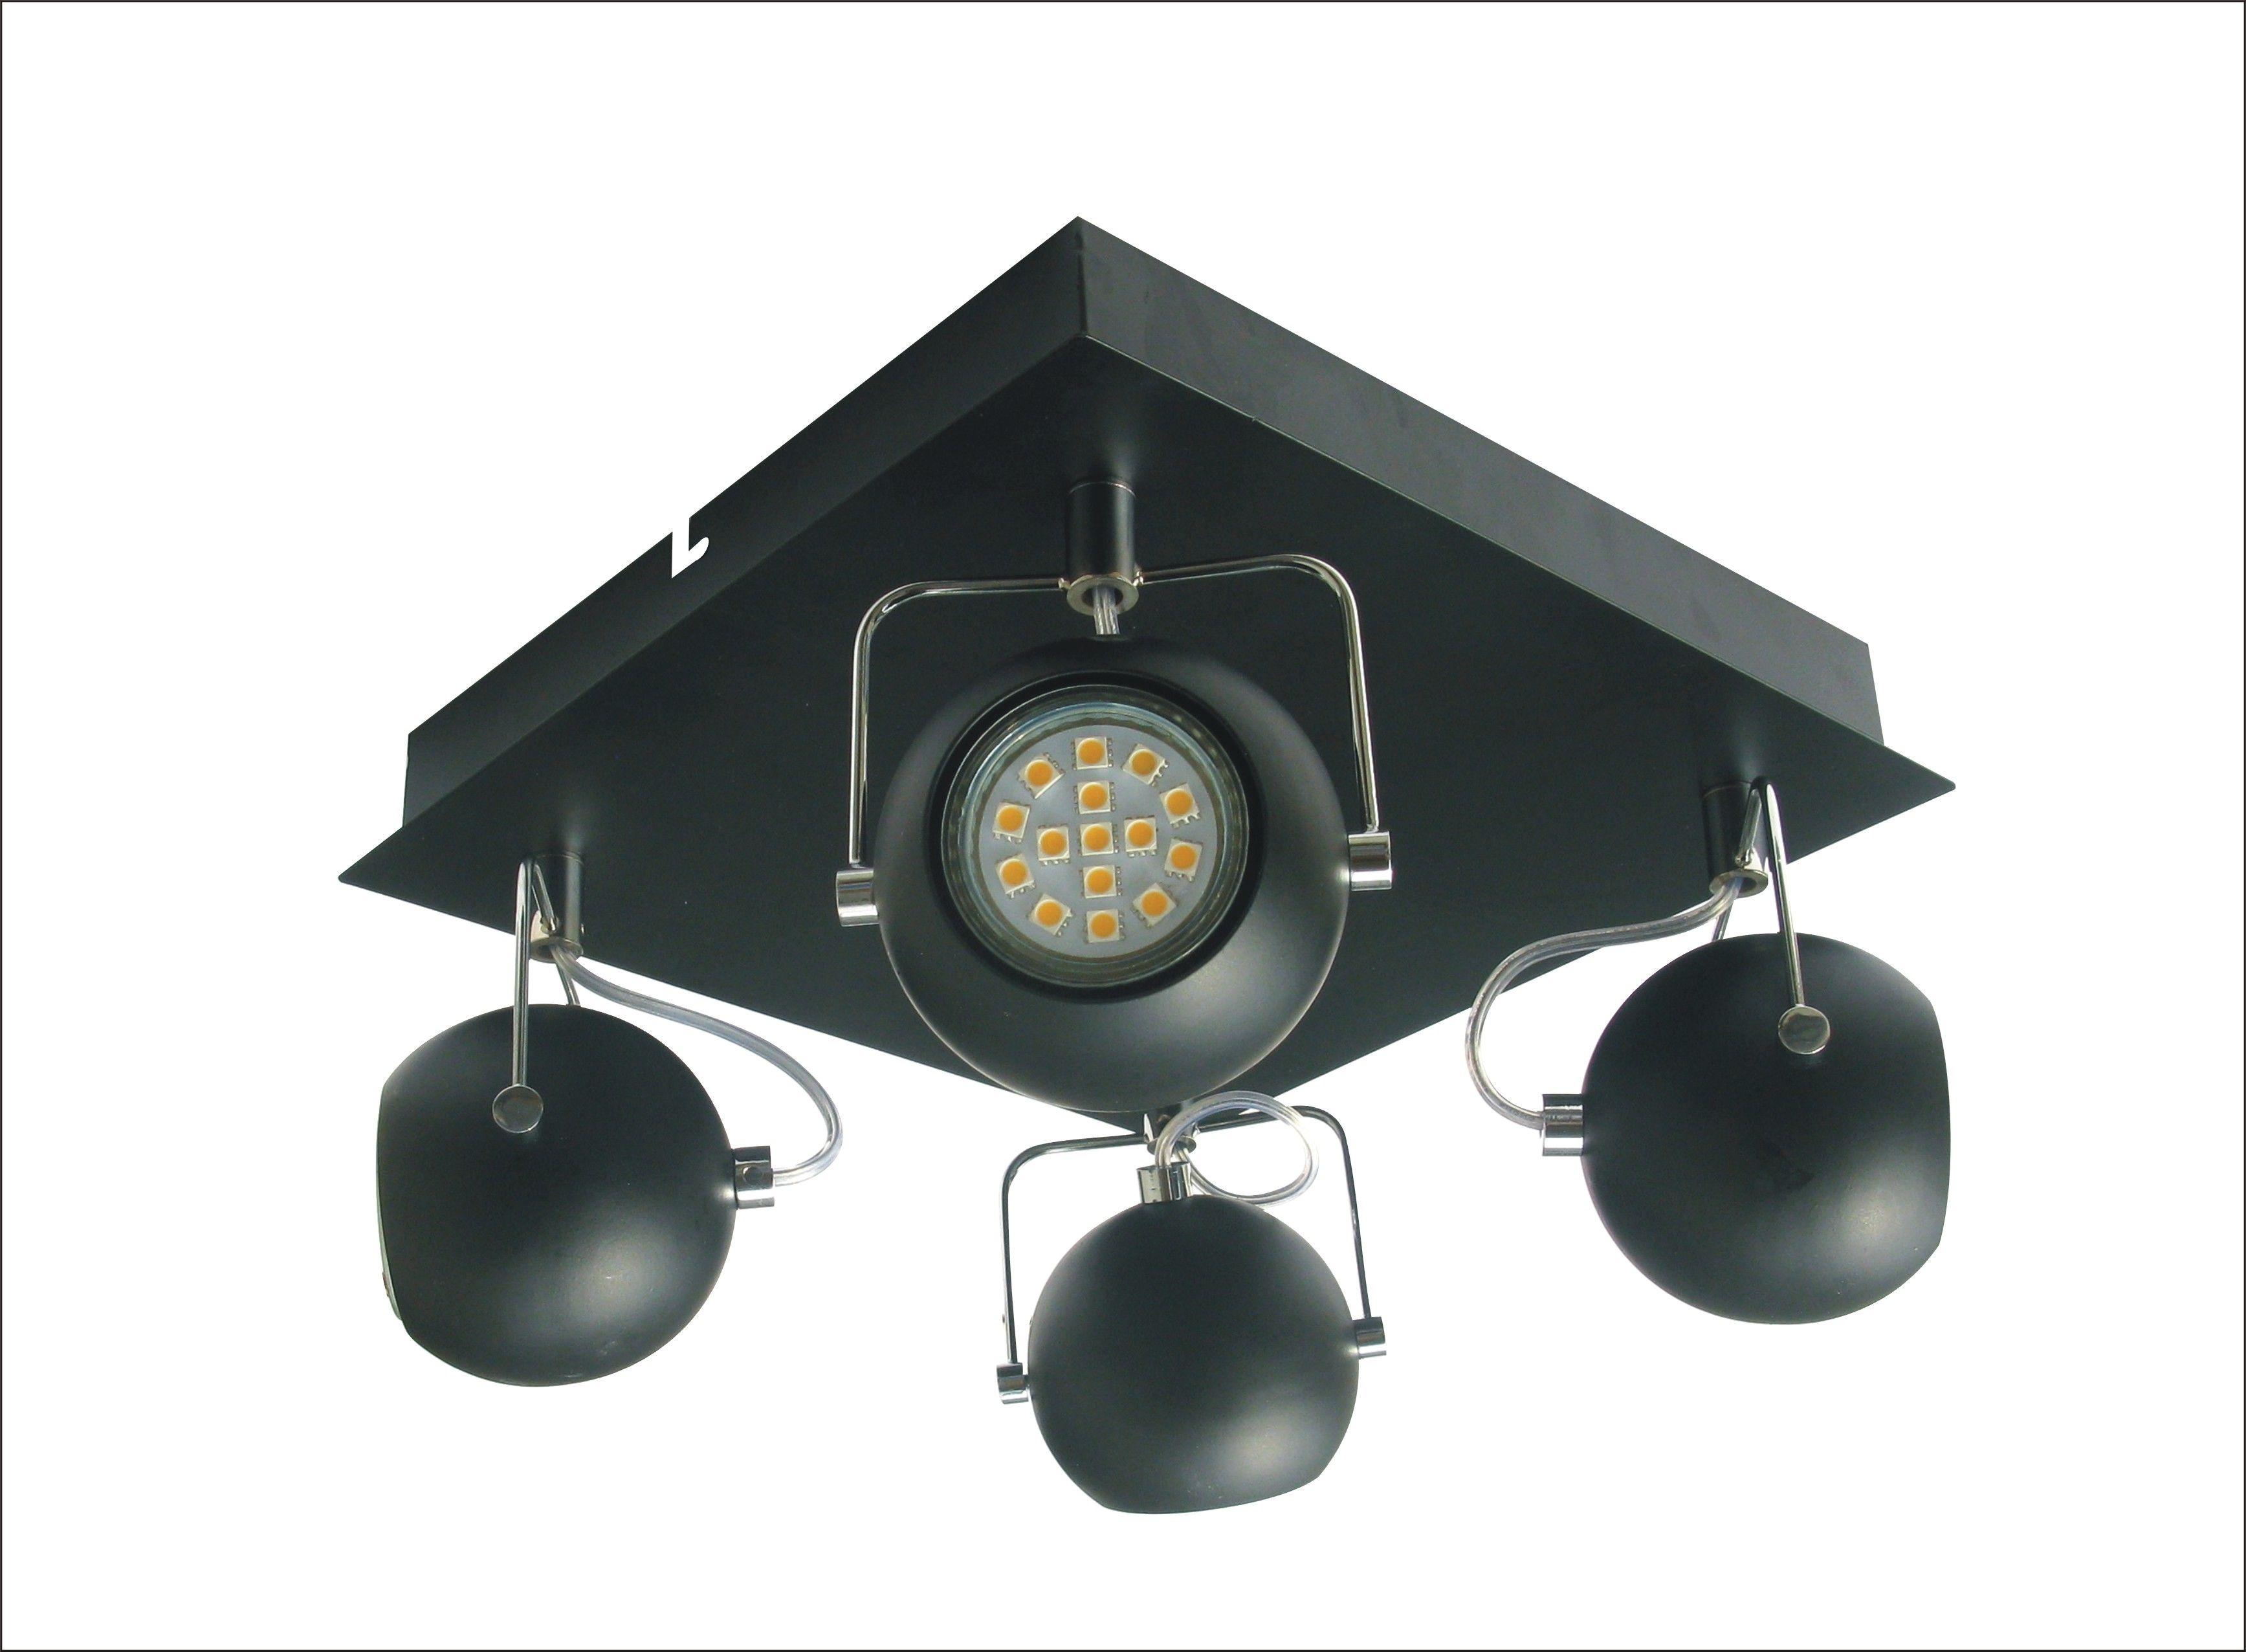 Candellux TONY 98-25036 plafon lampa sufitowa czarny mat metalowy klosz 4X3W LED GU10 43cm